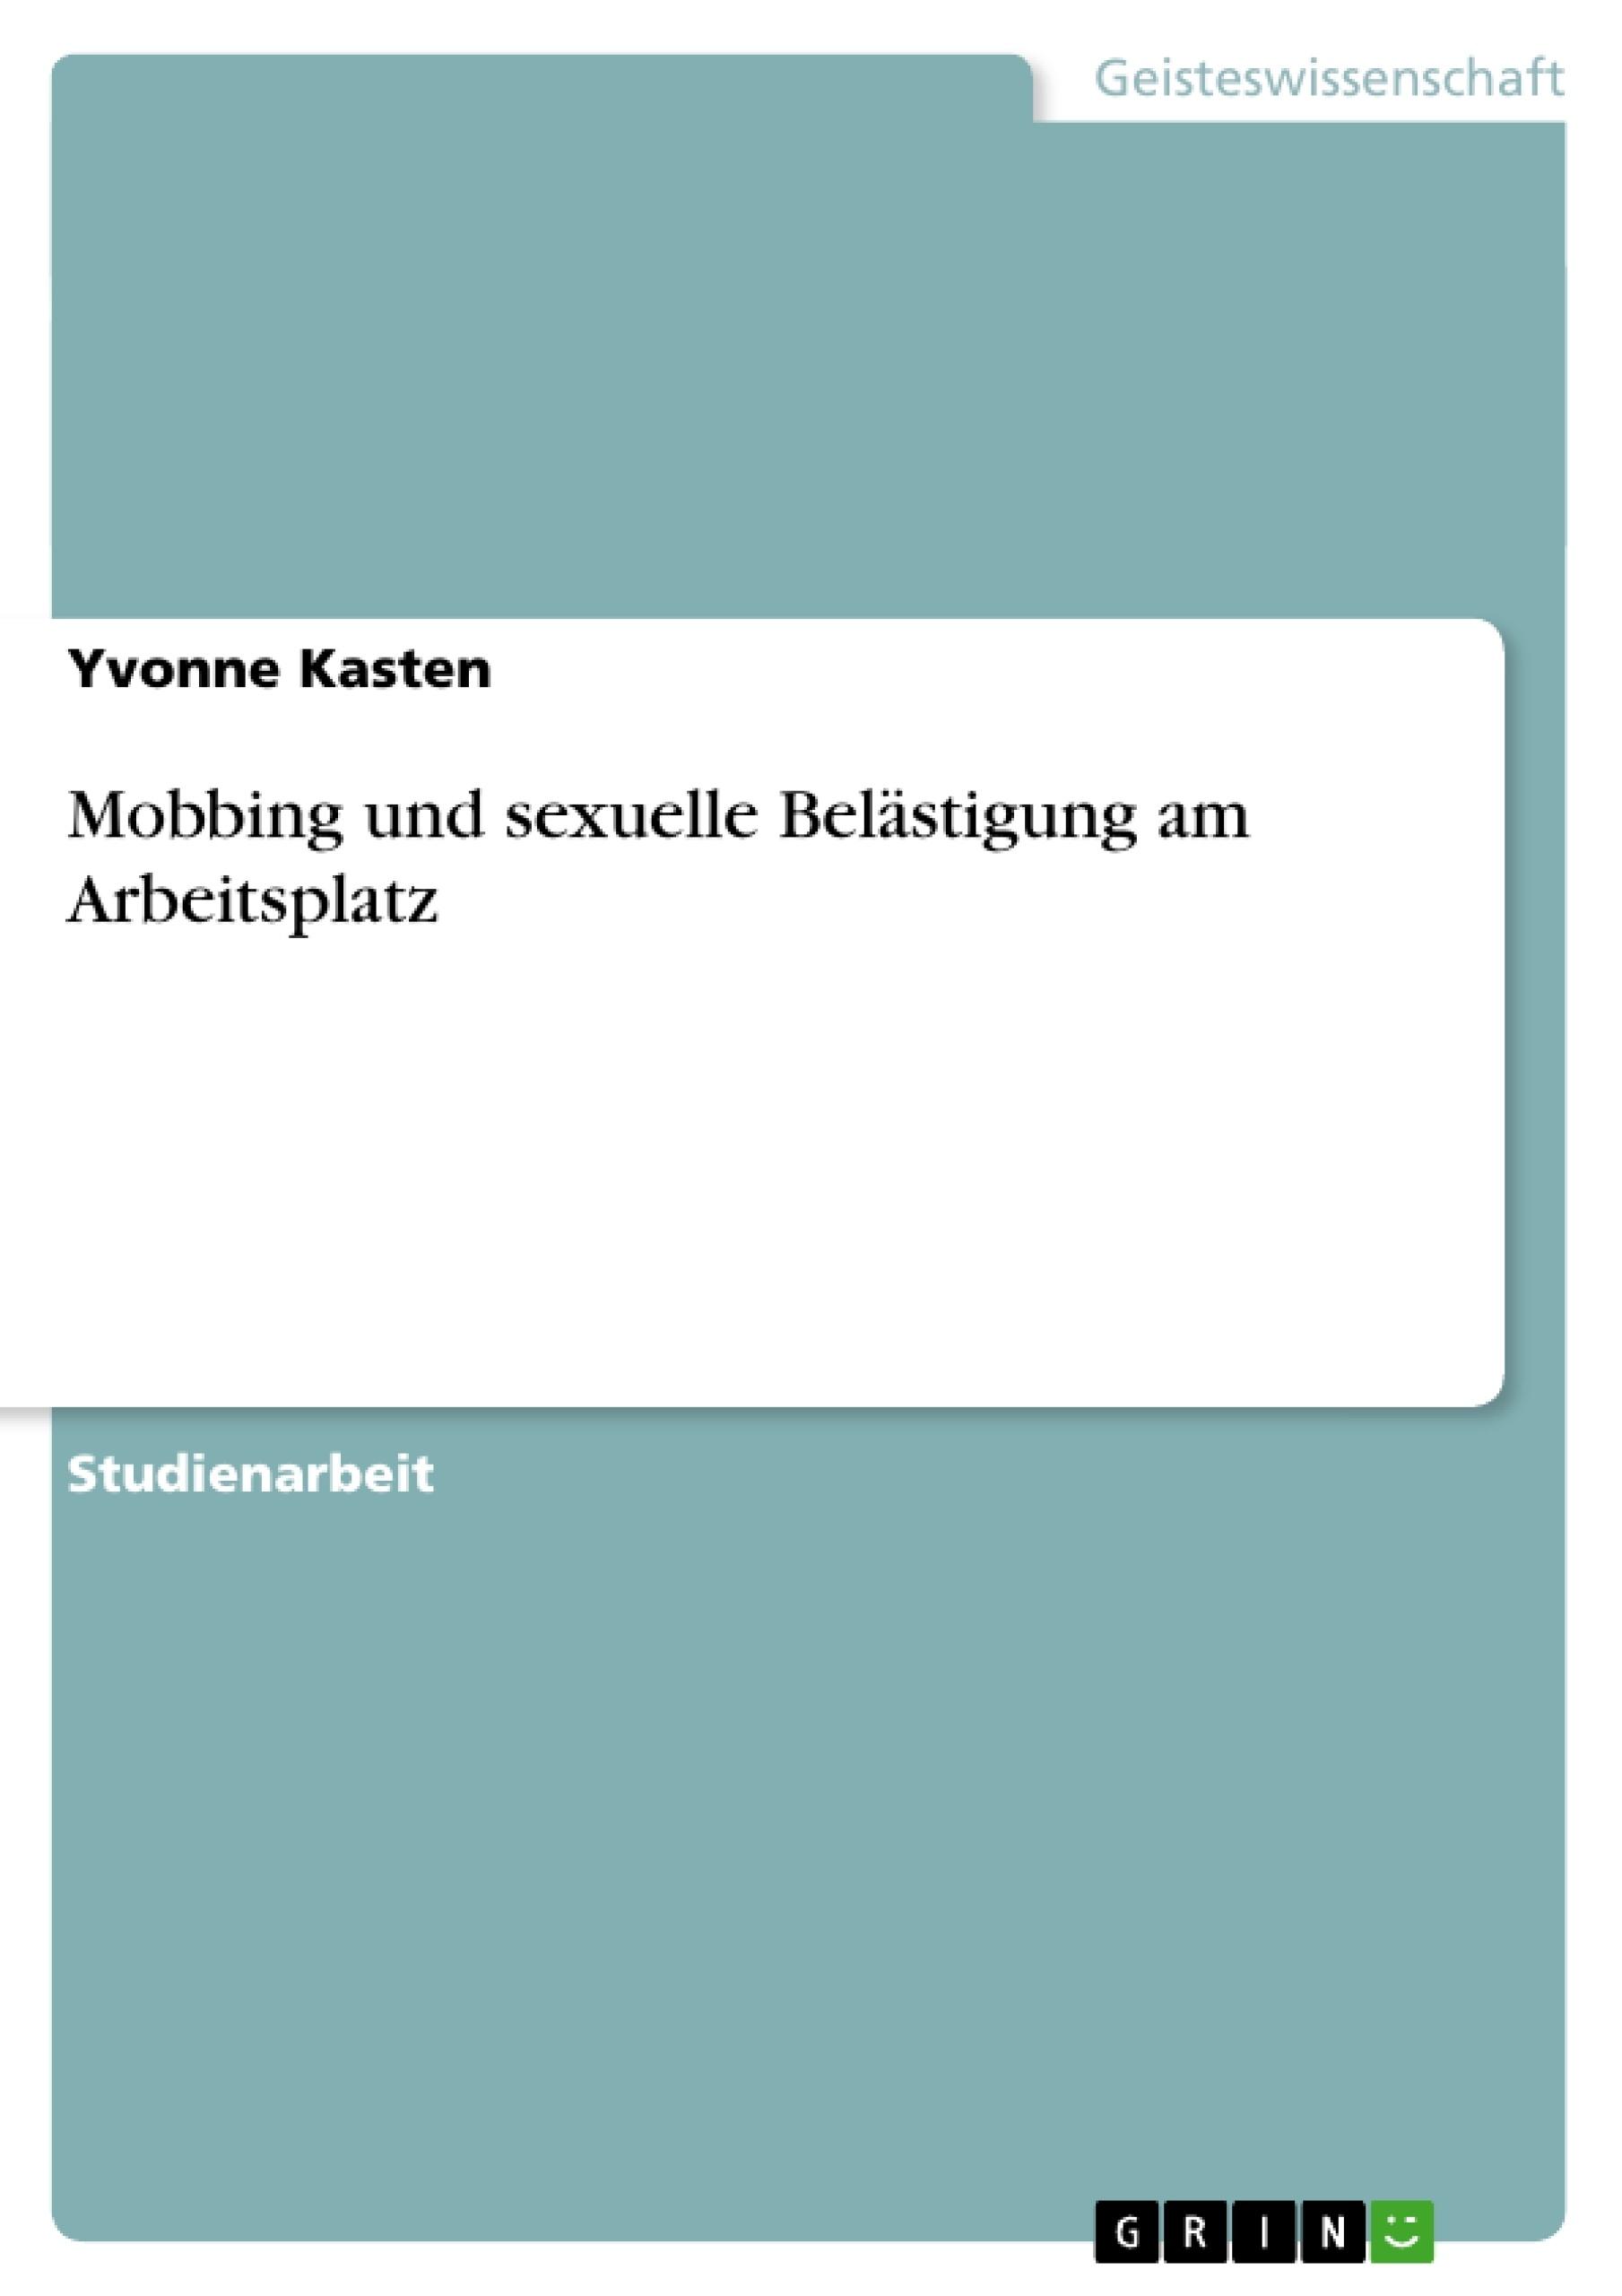 Titel: Mobbing und sexuelle Belästigung am Arbeitsplatz